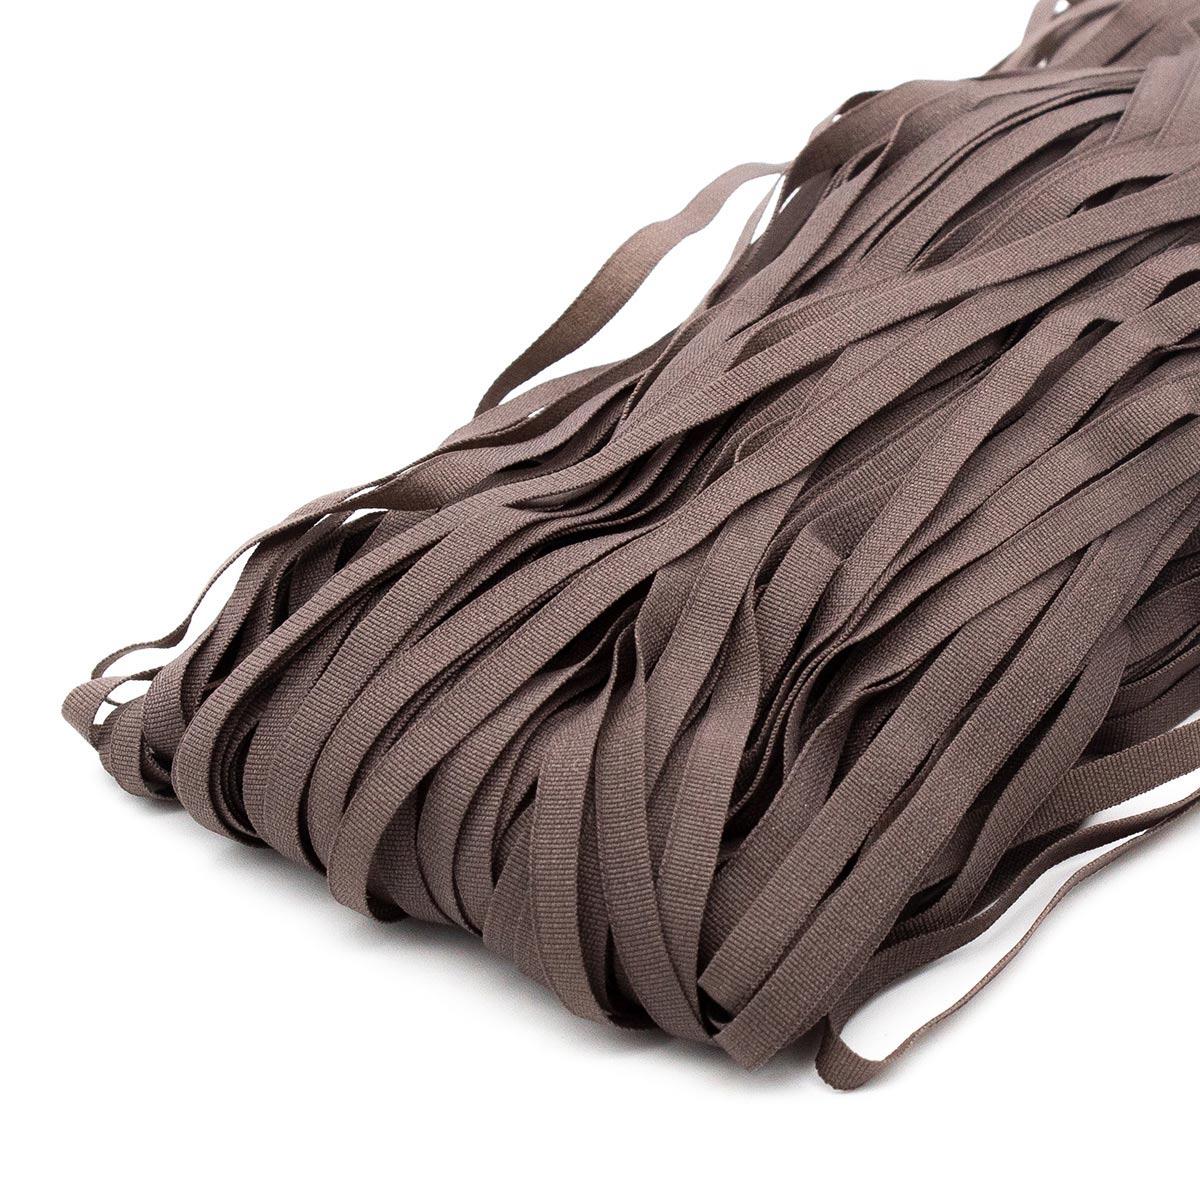 STP/04 эластичная лента для стабилизации швов 4мм*50м, светло-коричневый